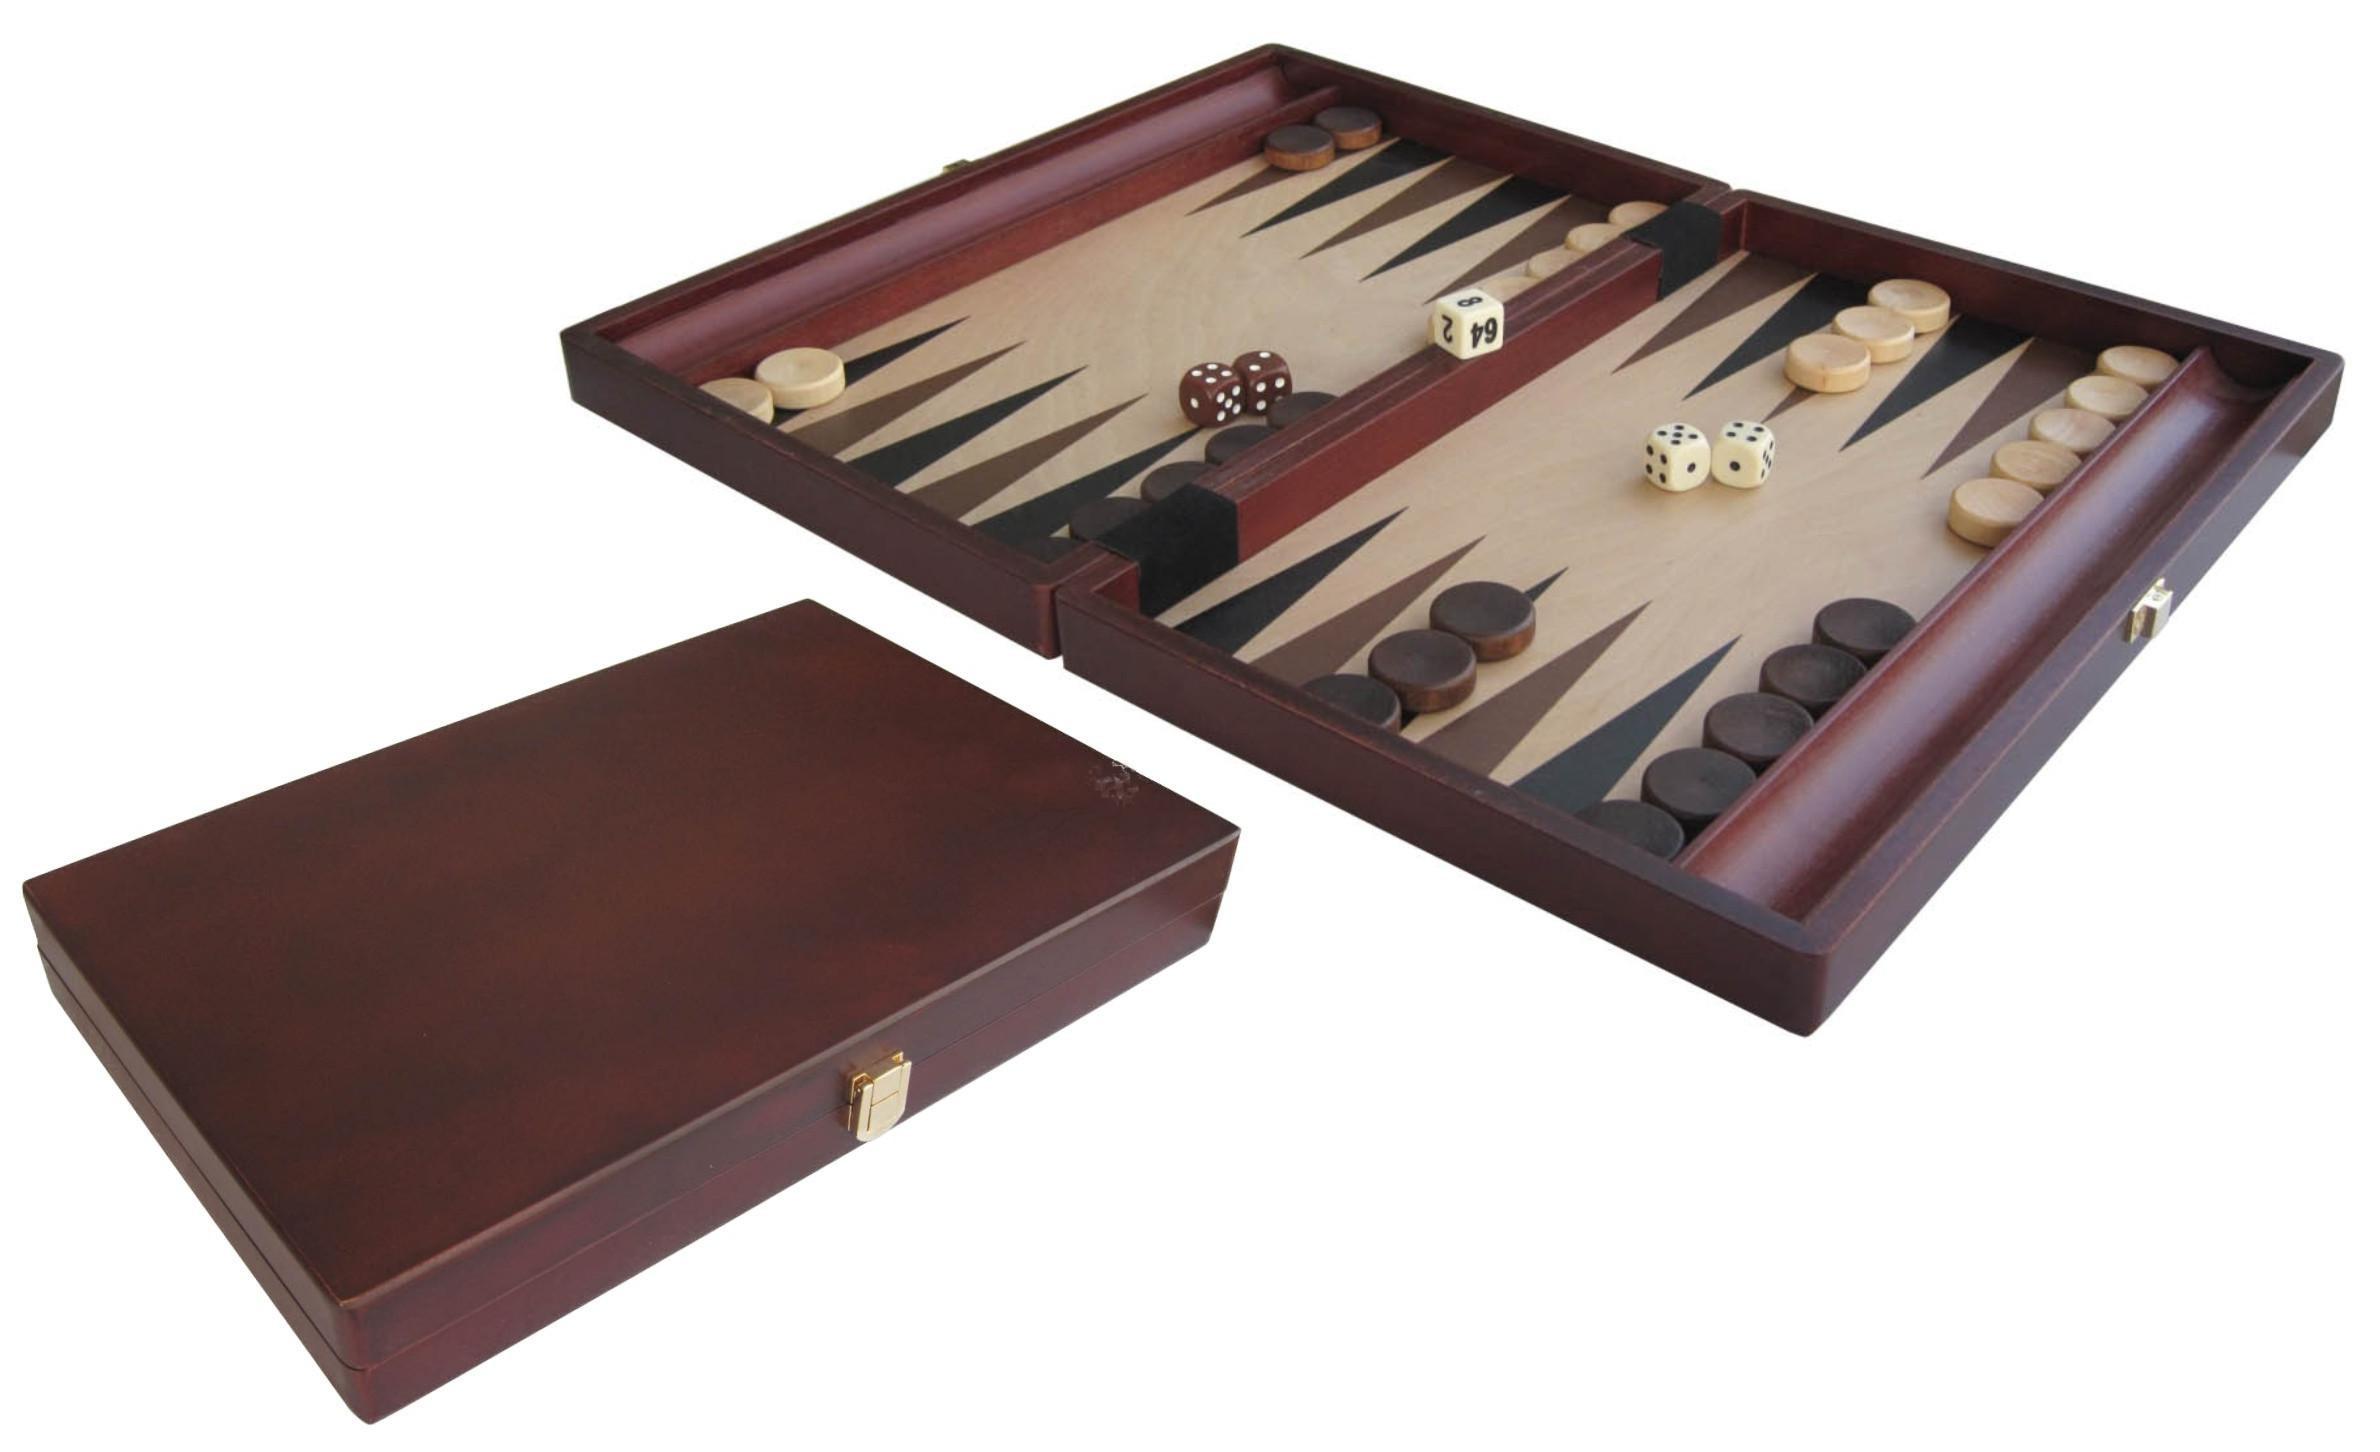 Mohogany coated folding backgammon set